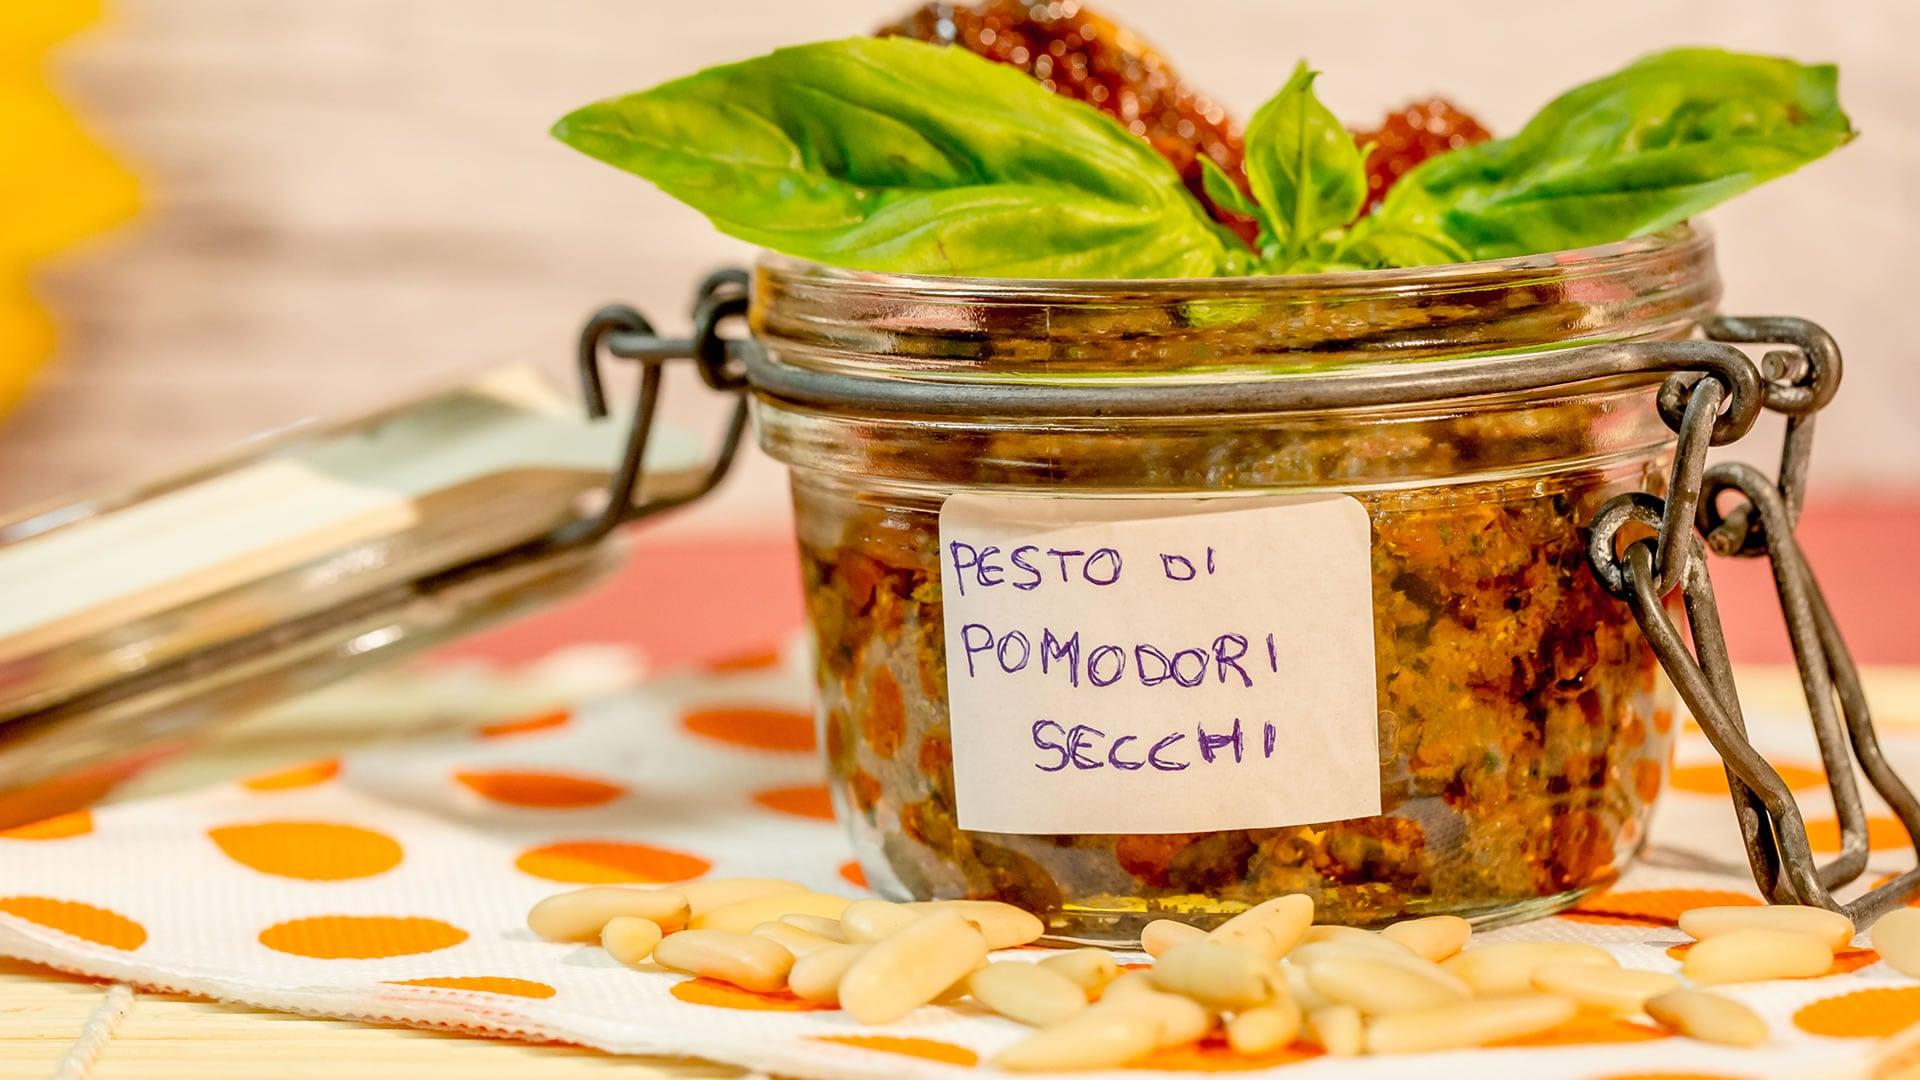 Foto Pesto di Pomodori Secchi